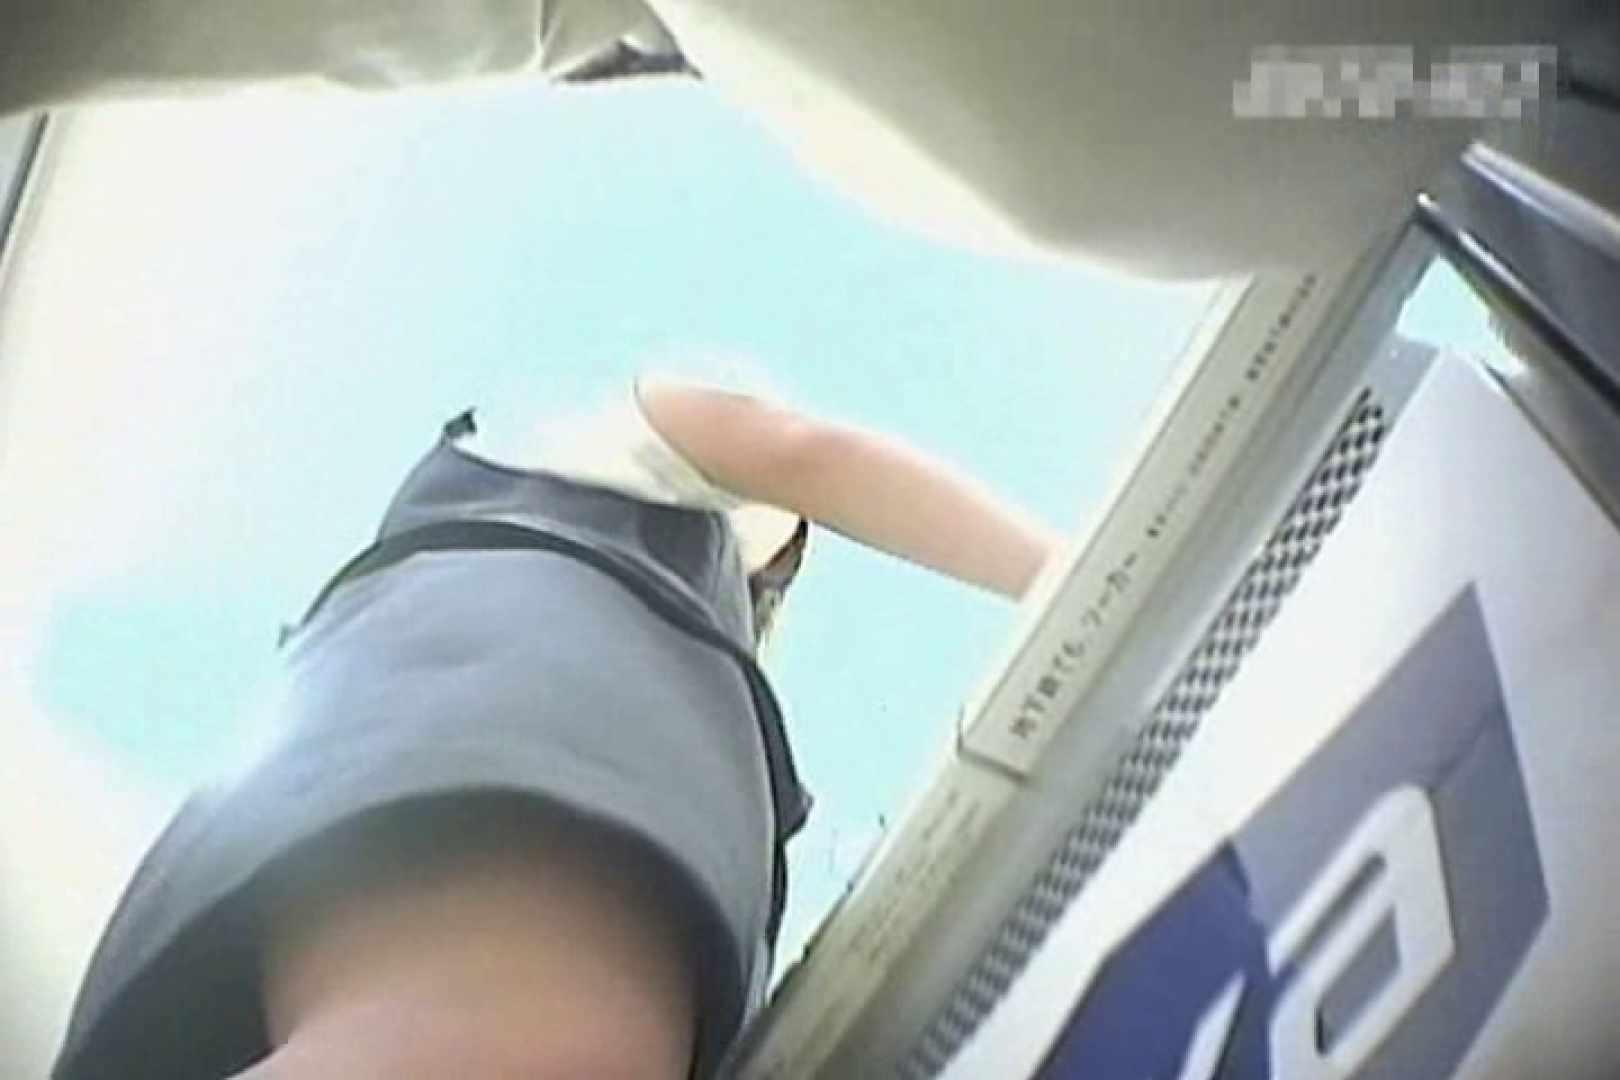 デパートローアングル徘徊 靴カメ盗撮Vol.11 美しいOLの裸体 ヌード画像 98pic 86